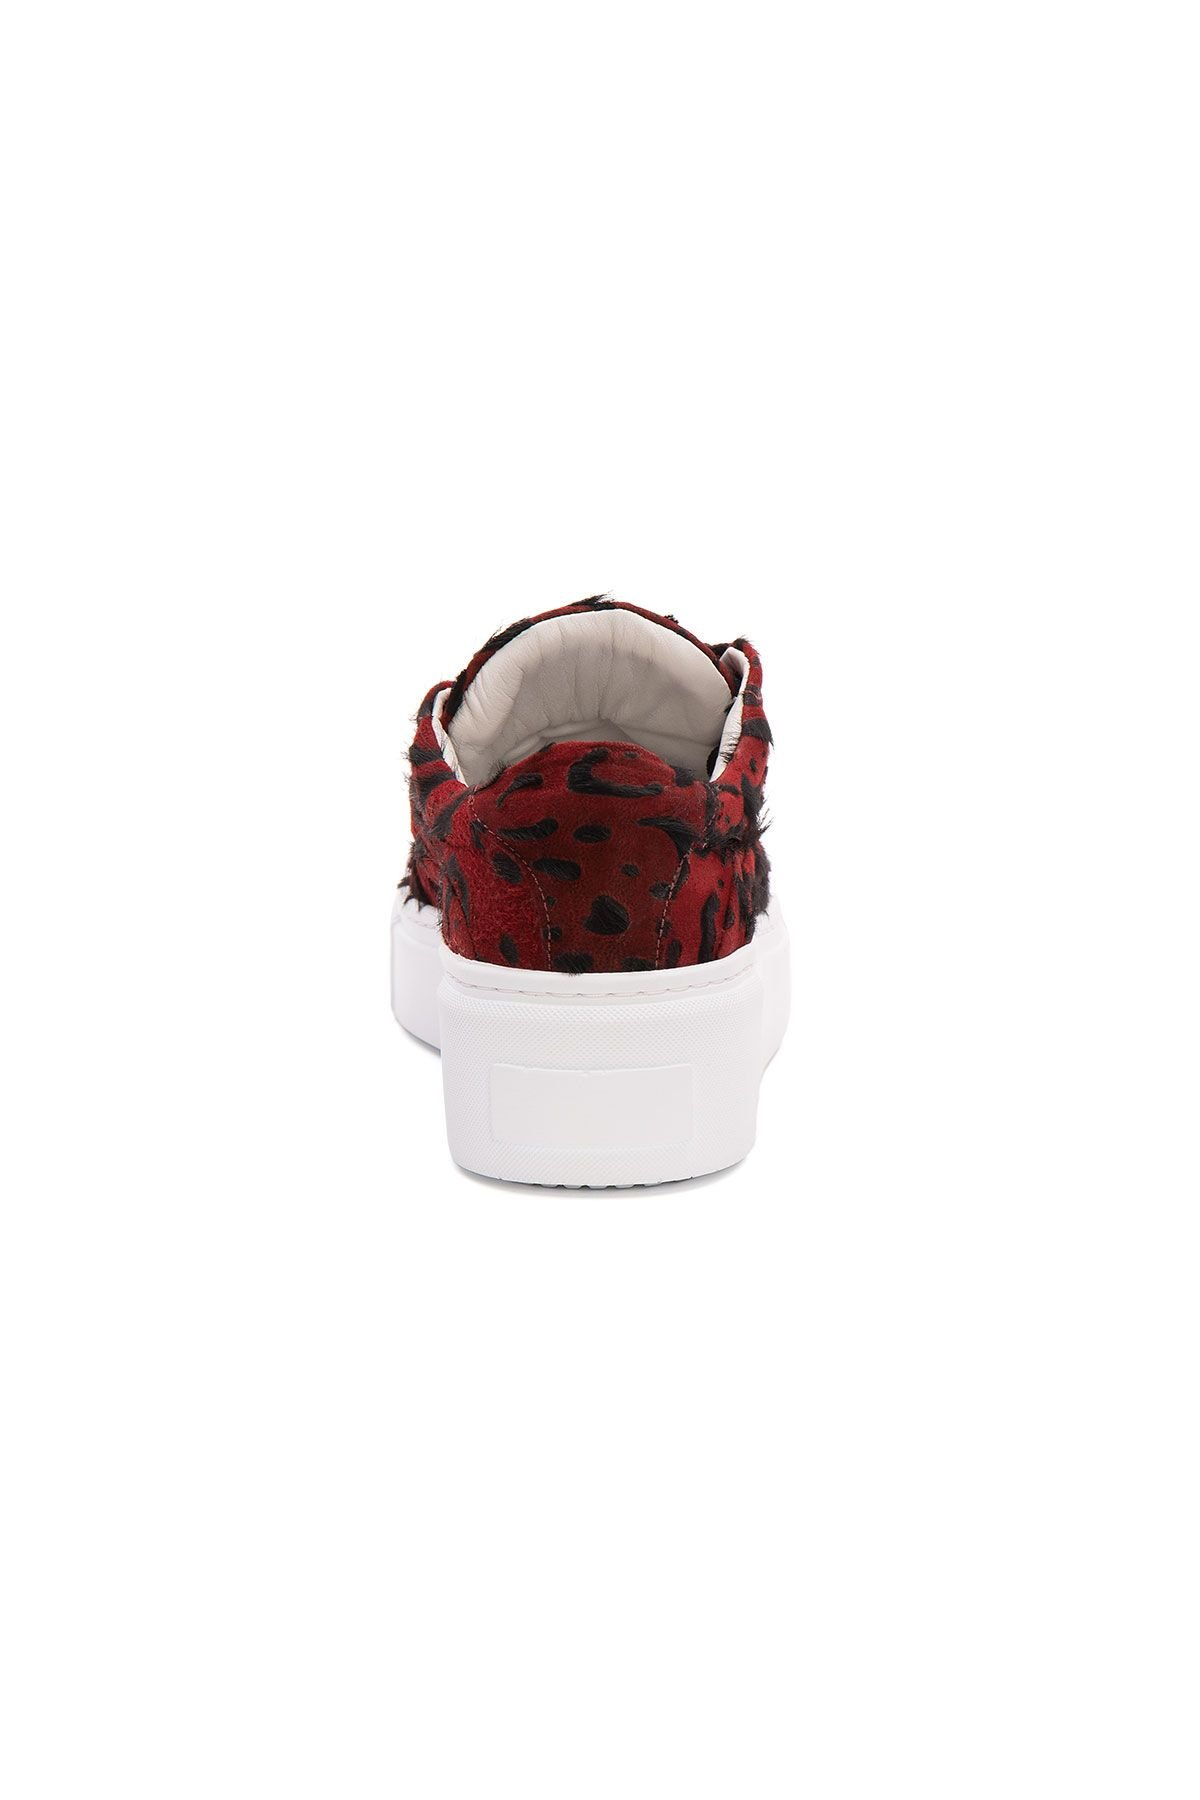 Pegia Genuine Leather Women's Sneaker LA1637 Red